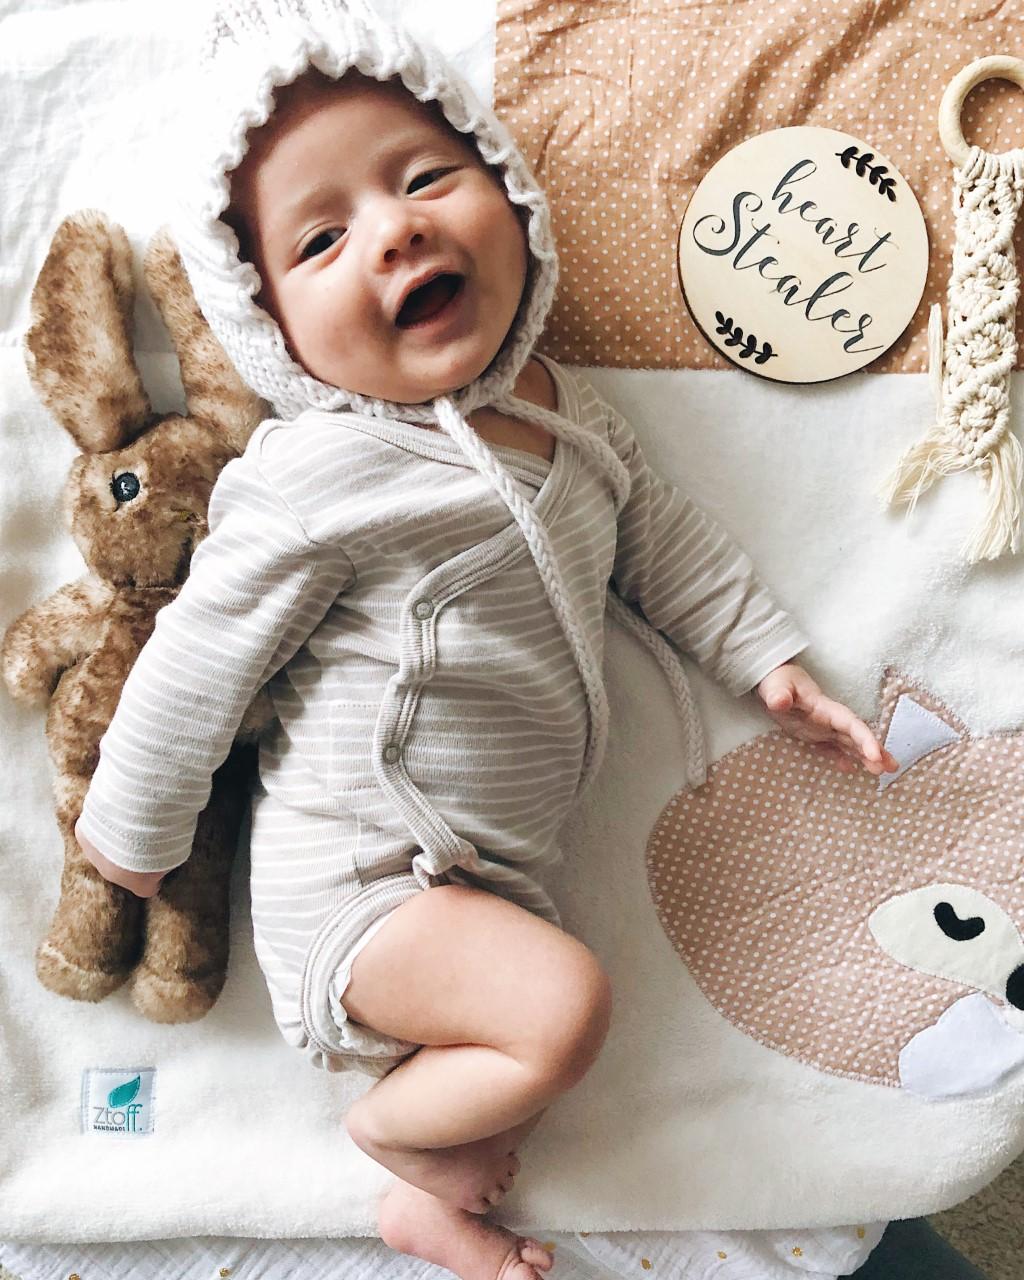 babydecke-kuscheldecke-babydecken-ztoff-geschenke-babyparty-geburt-taufgeschenke-taufe-geschenkideen-geschenk-personalisierte-babiez-krabbeldecke-mit-namen-22G6IJKY3rjbMQ6